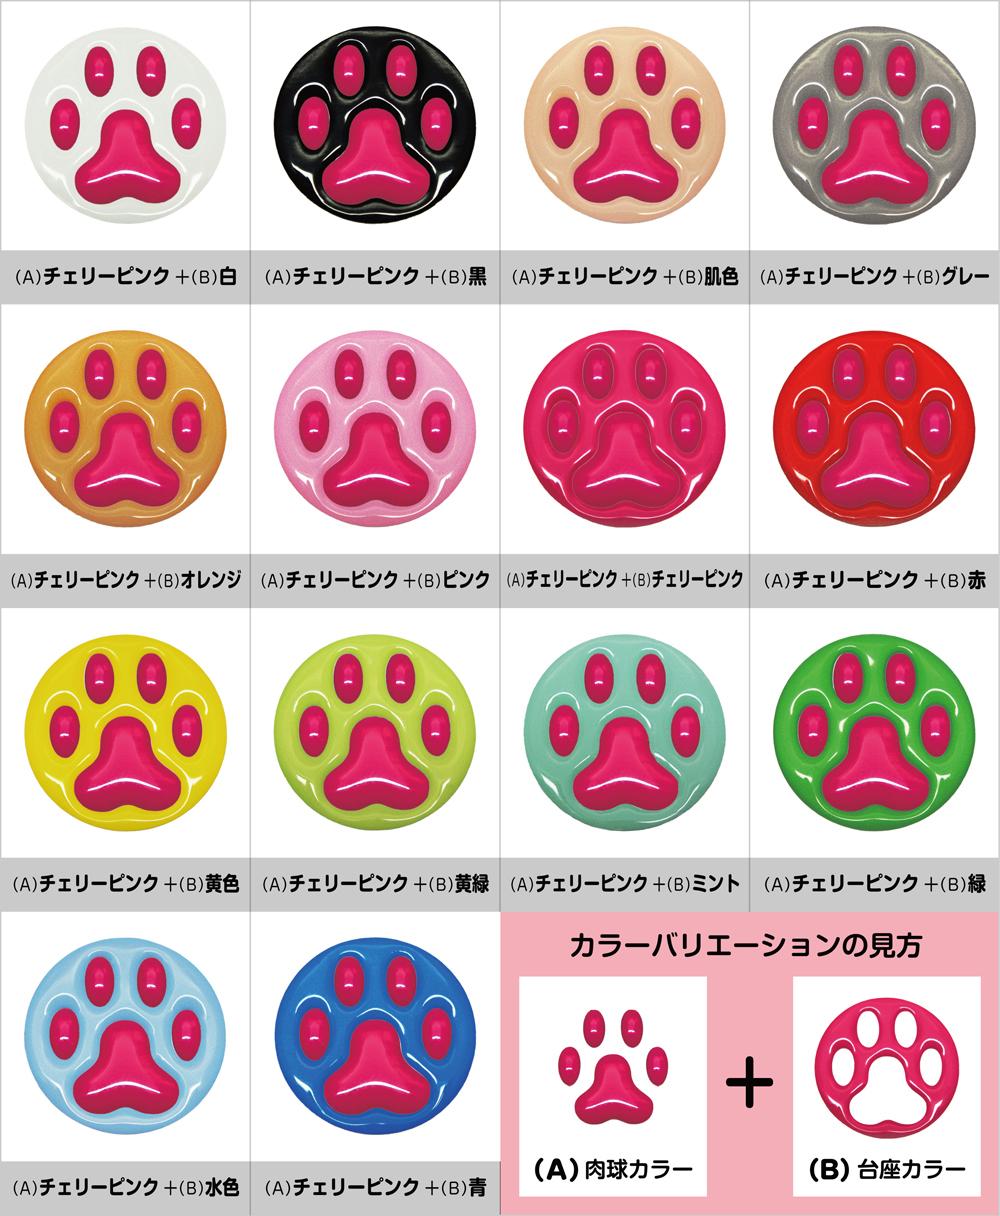 肉球クリーナーストラップ チェリーピンク色タイプ 14種